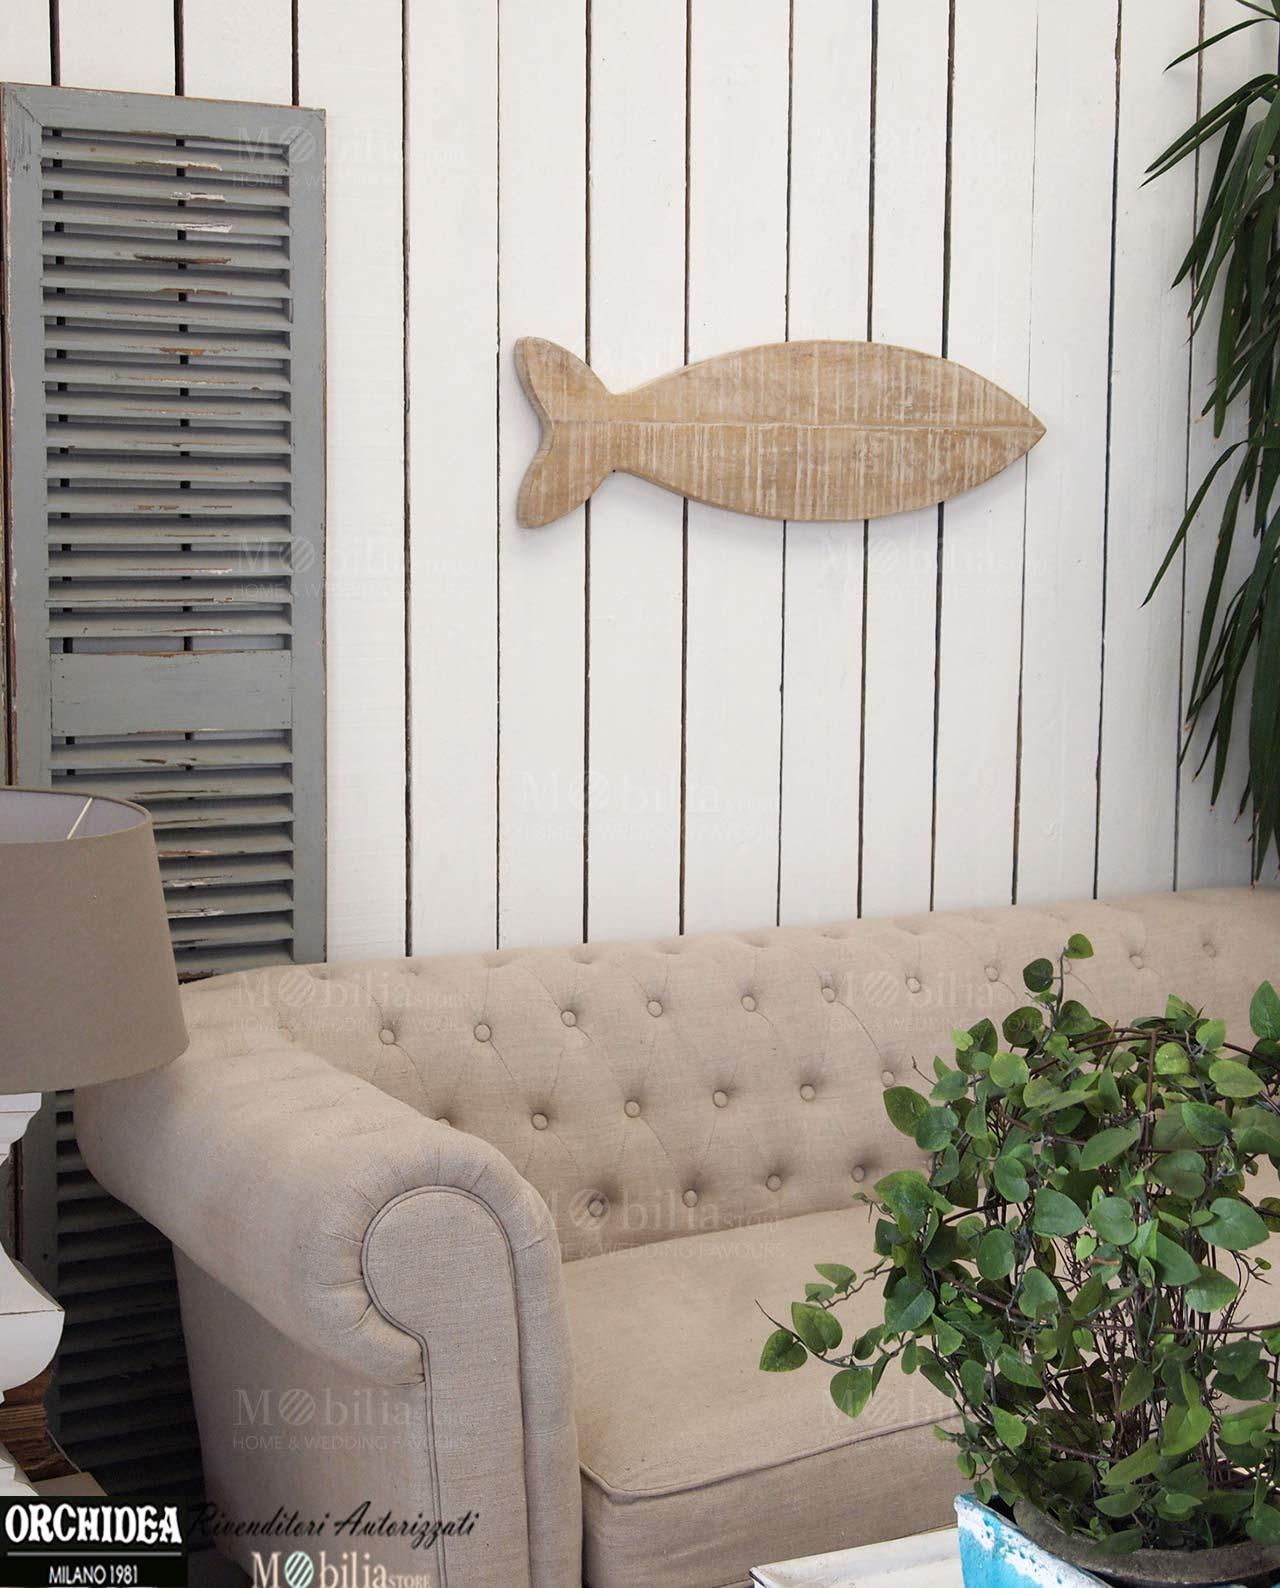 Pannelli decorativi da parete legno pesce for Quadri decorativi arredamento